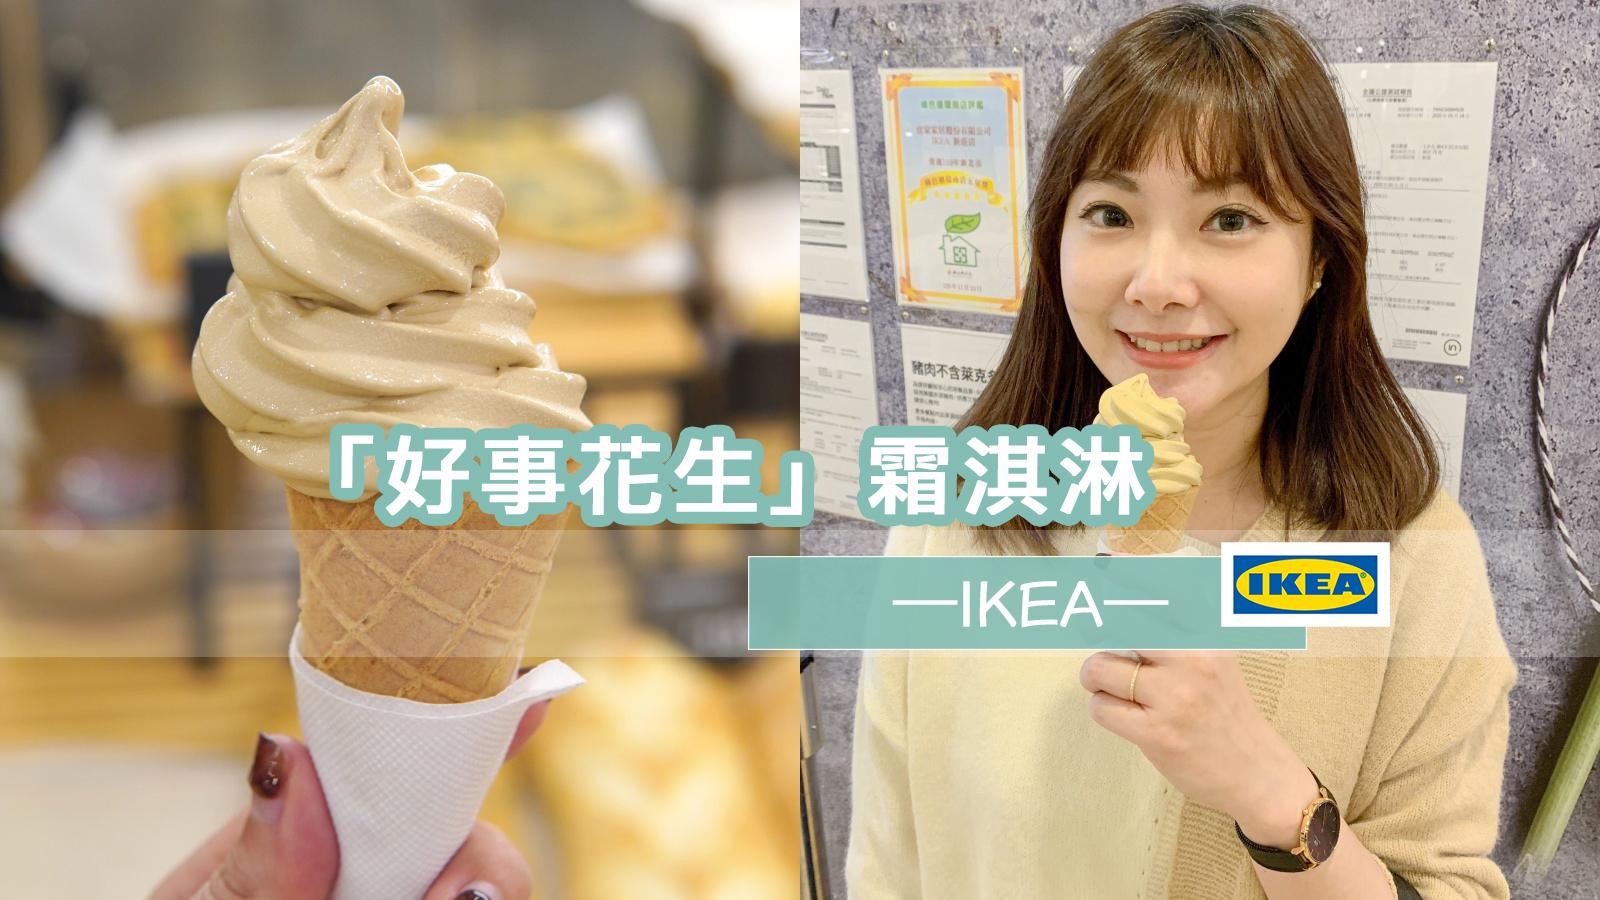 即時熱門文章:☆【宜家】IKEA驚為天人霜淇淋新口味「好事花生」!隱藏吃法「花生冰狗」